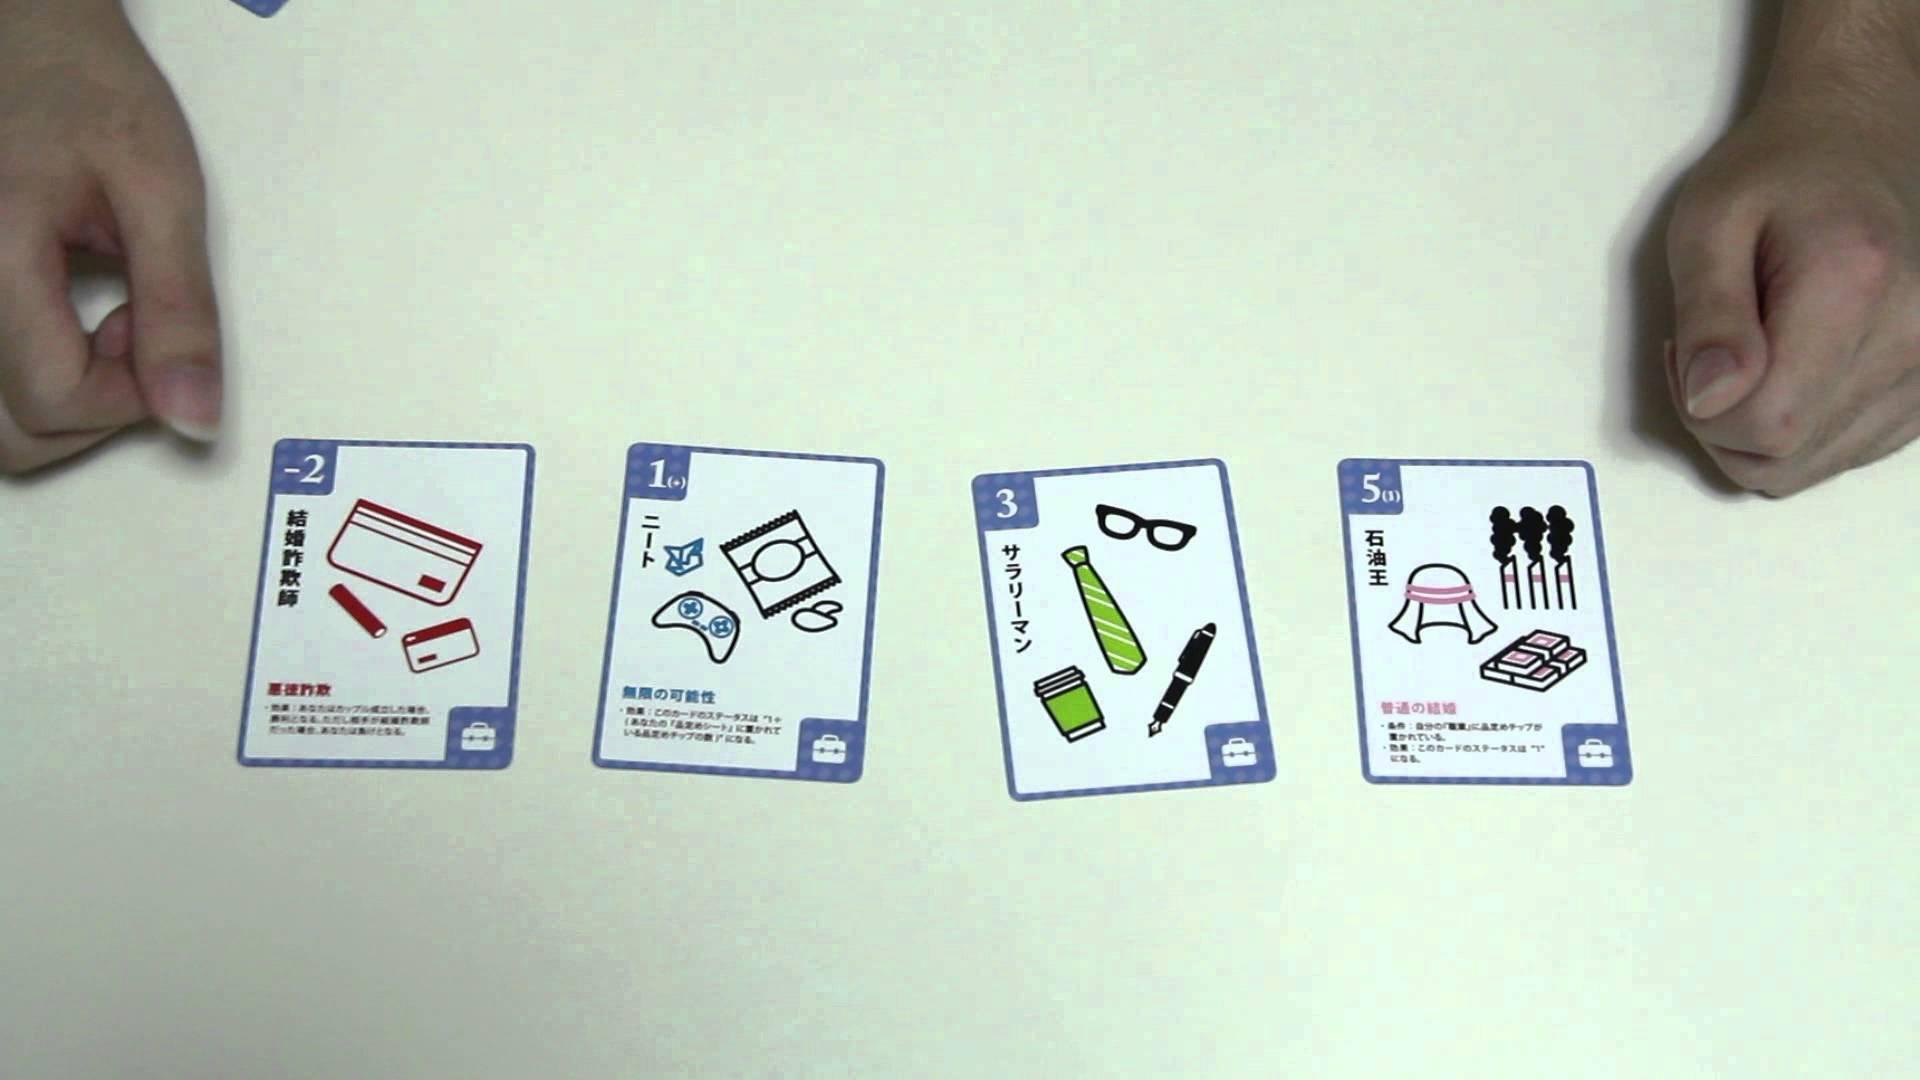 婚活ゲーム02 カード解説 #婚活 #followme